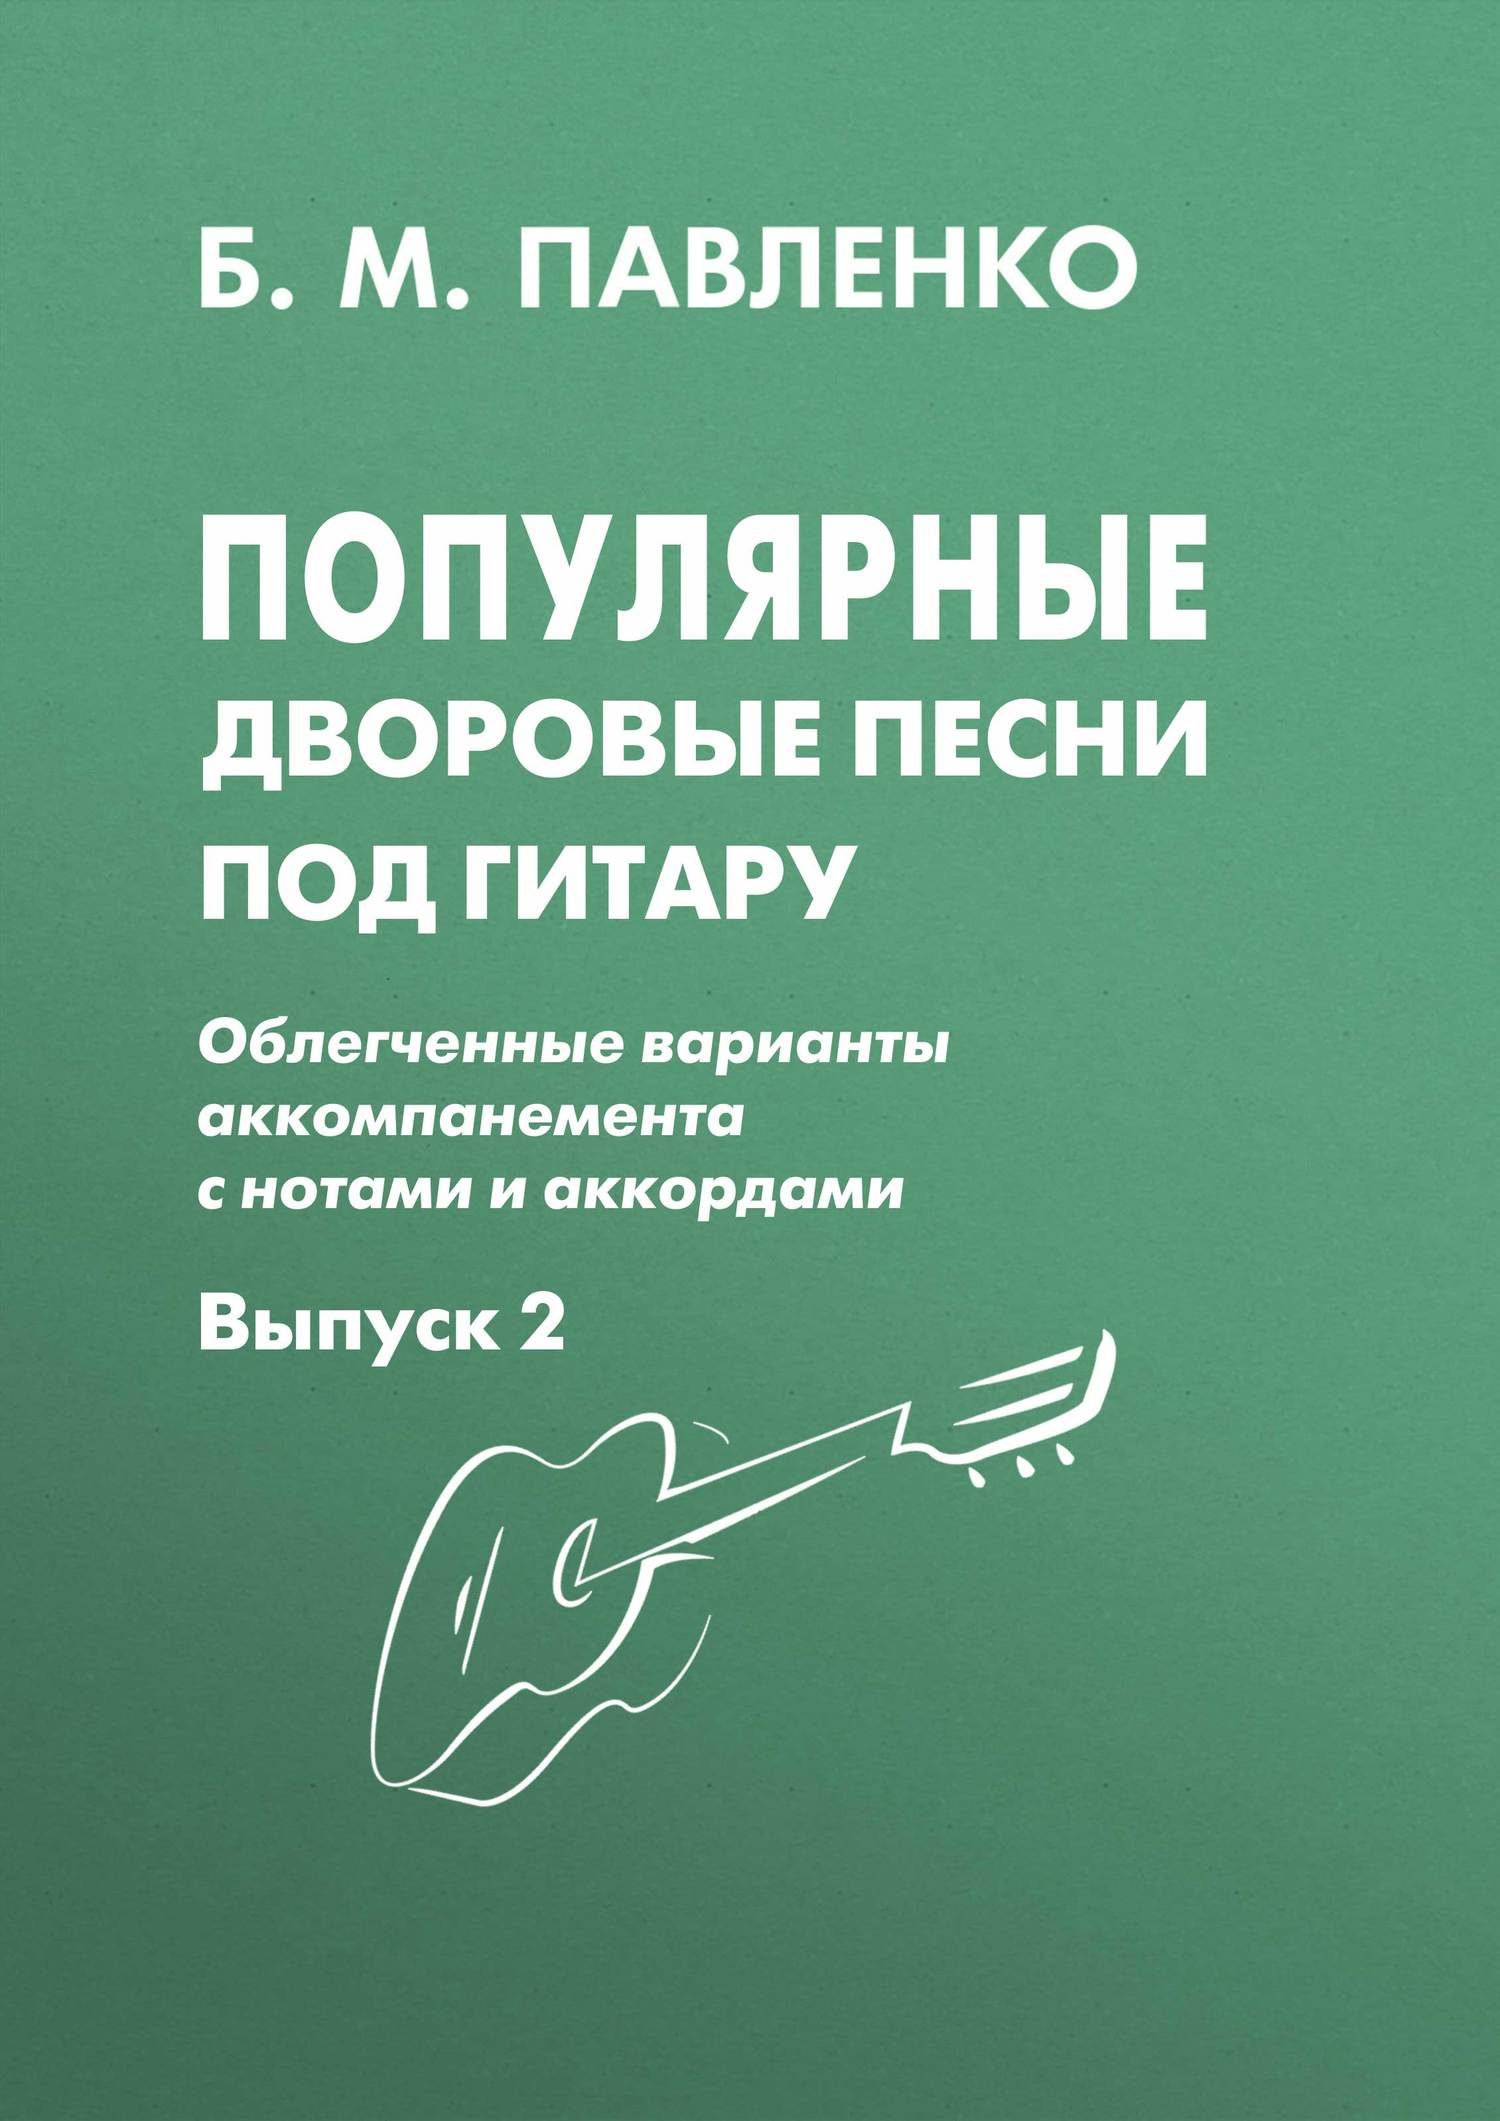 Б. М. Павленко Популярные дворовые песни под гитару. Облегченные варианты аккомпанемента с нотами и аккордами. Выпуск 2 б м павленко хиты под гитару выпуск 1